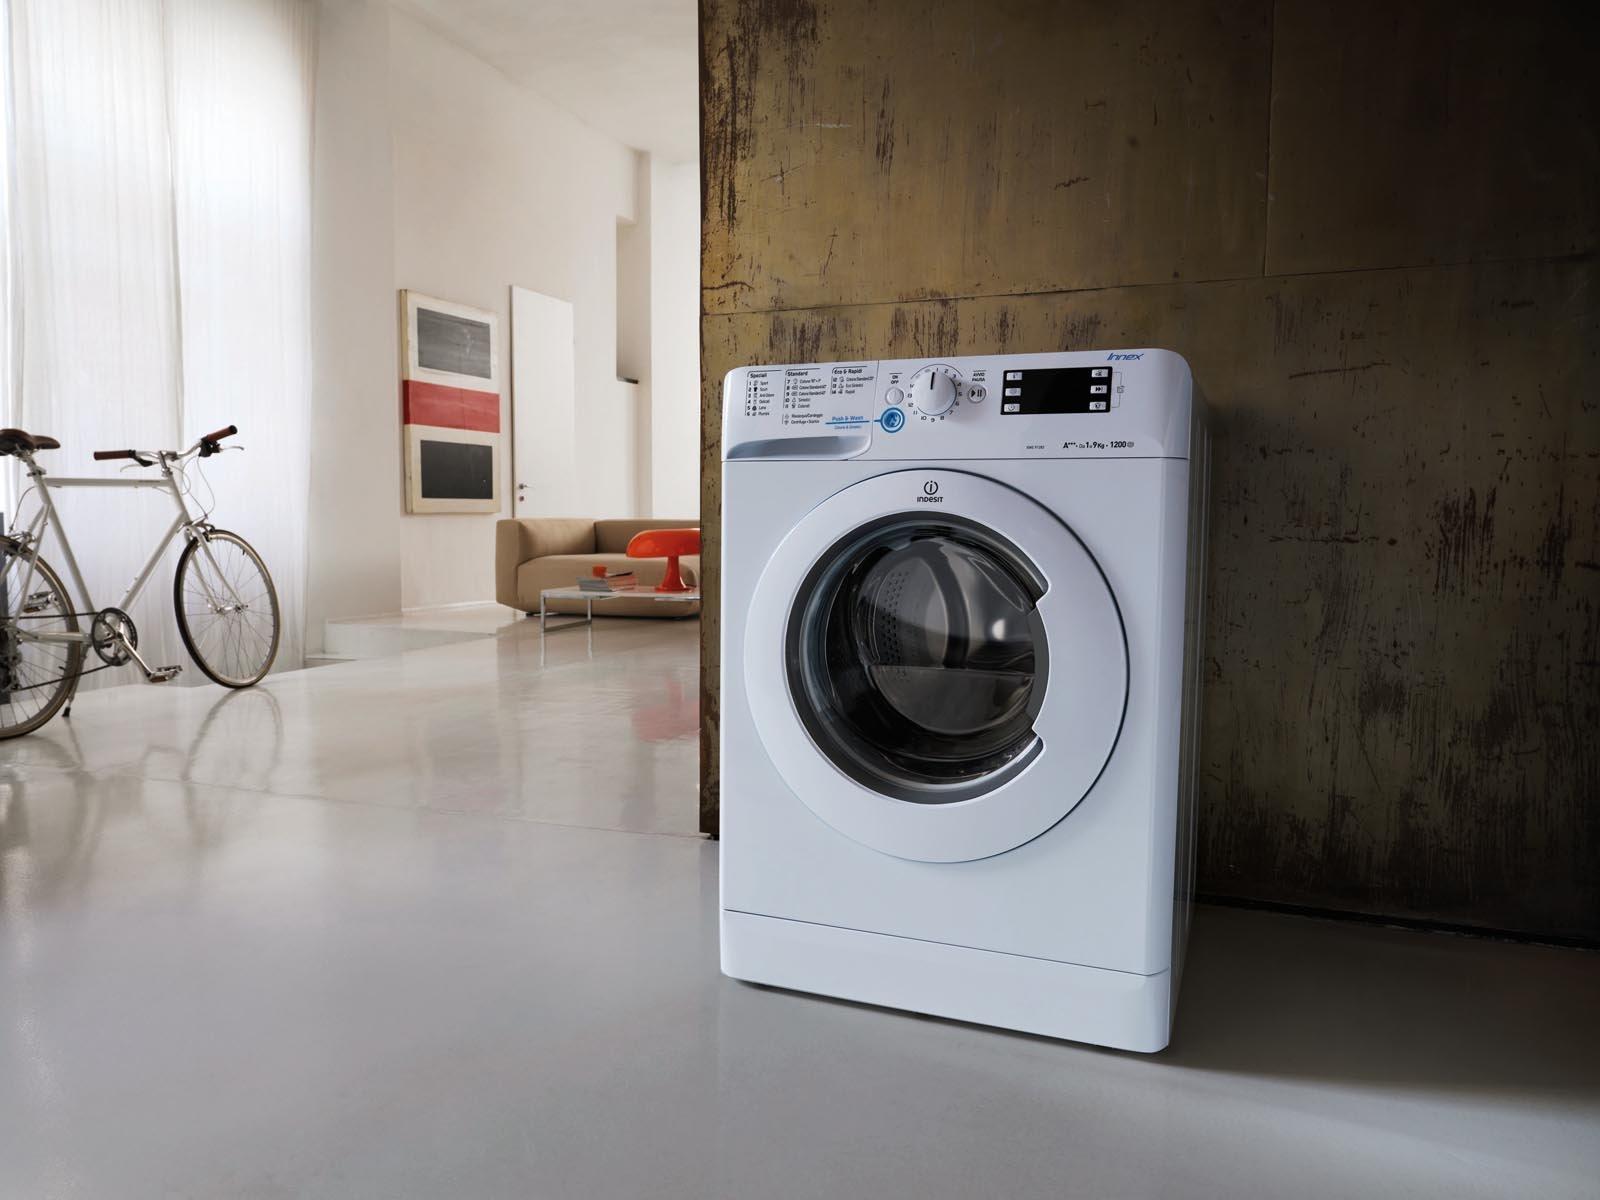 Lavatrici il modello giusto per ogni esigenza cose di casa - Lavatrice per piumoni ...